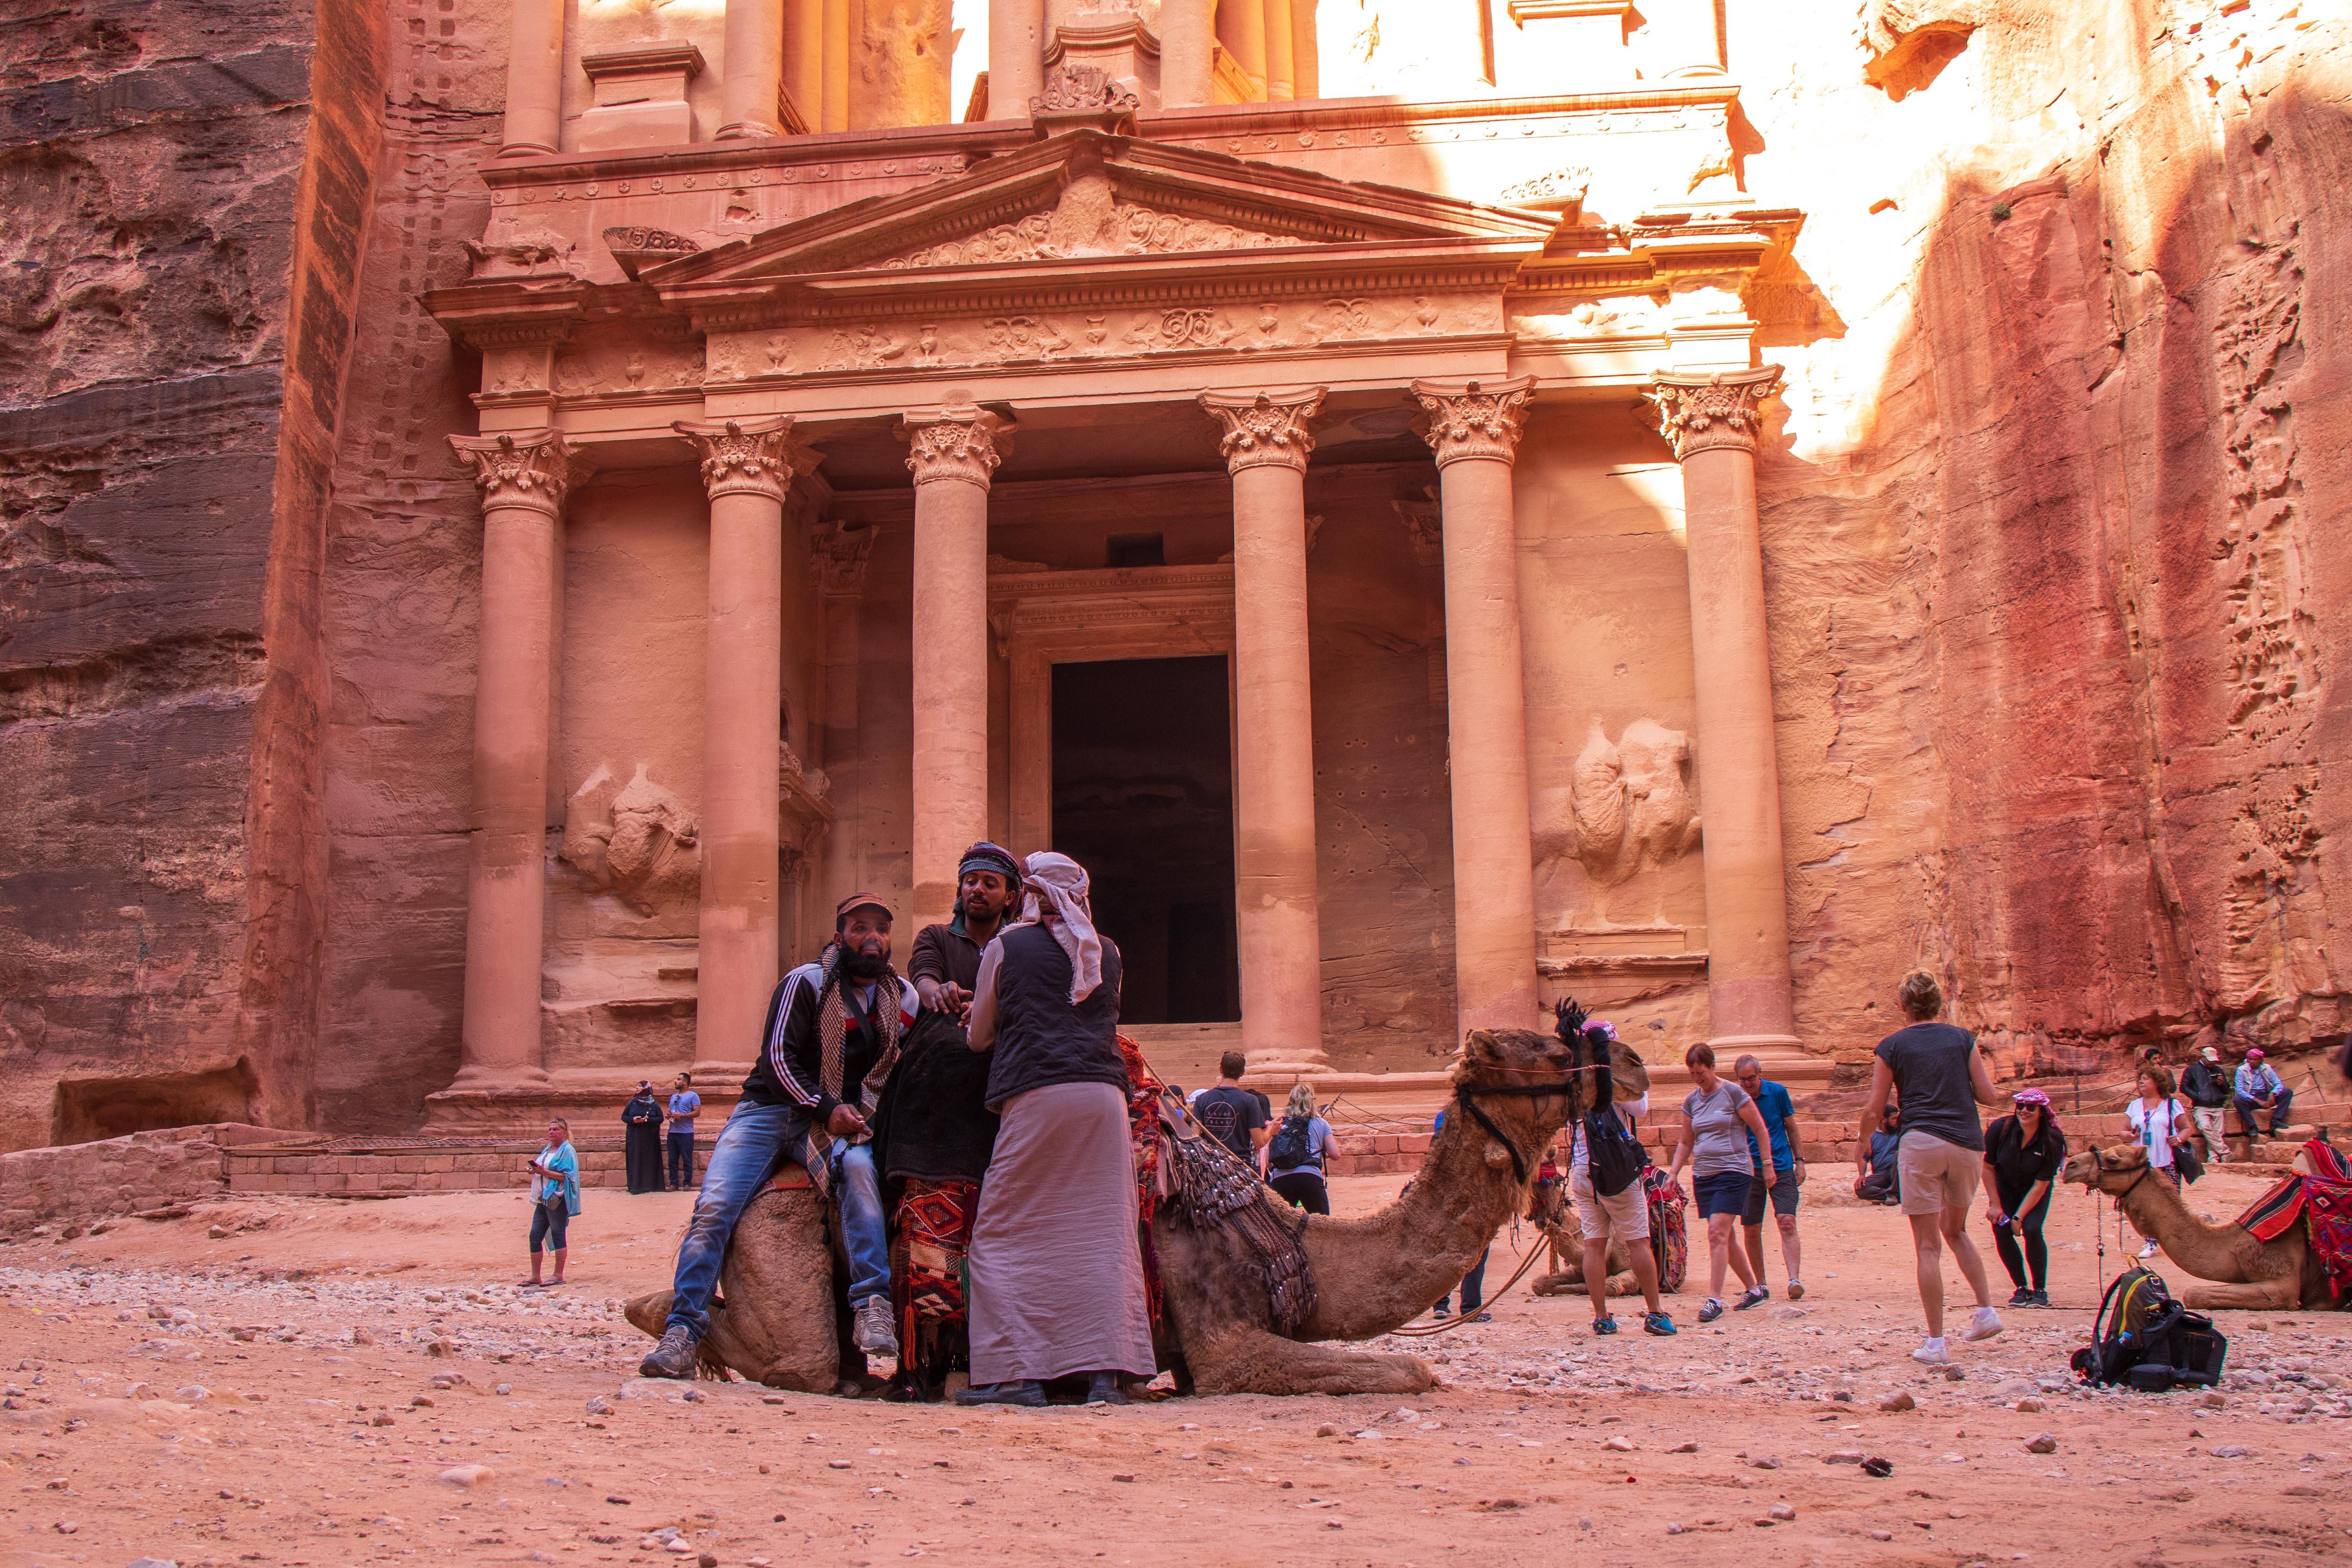 Camels at The Treasury